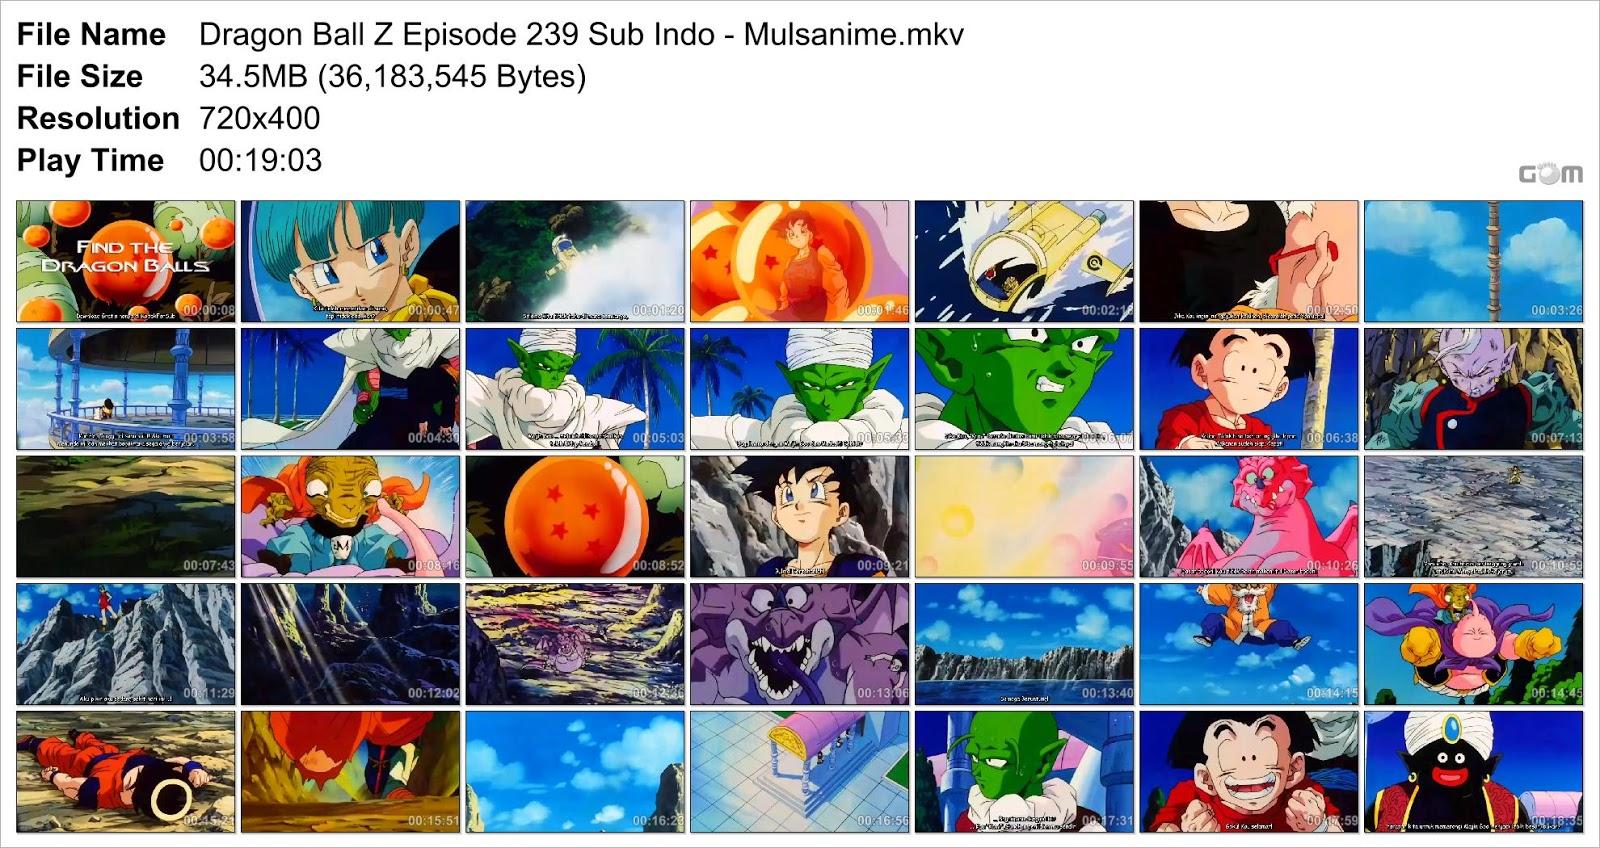 Download dragon ball movie the movie 13 sub indo mp4 mkv 3gp